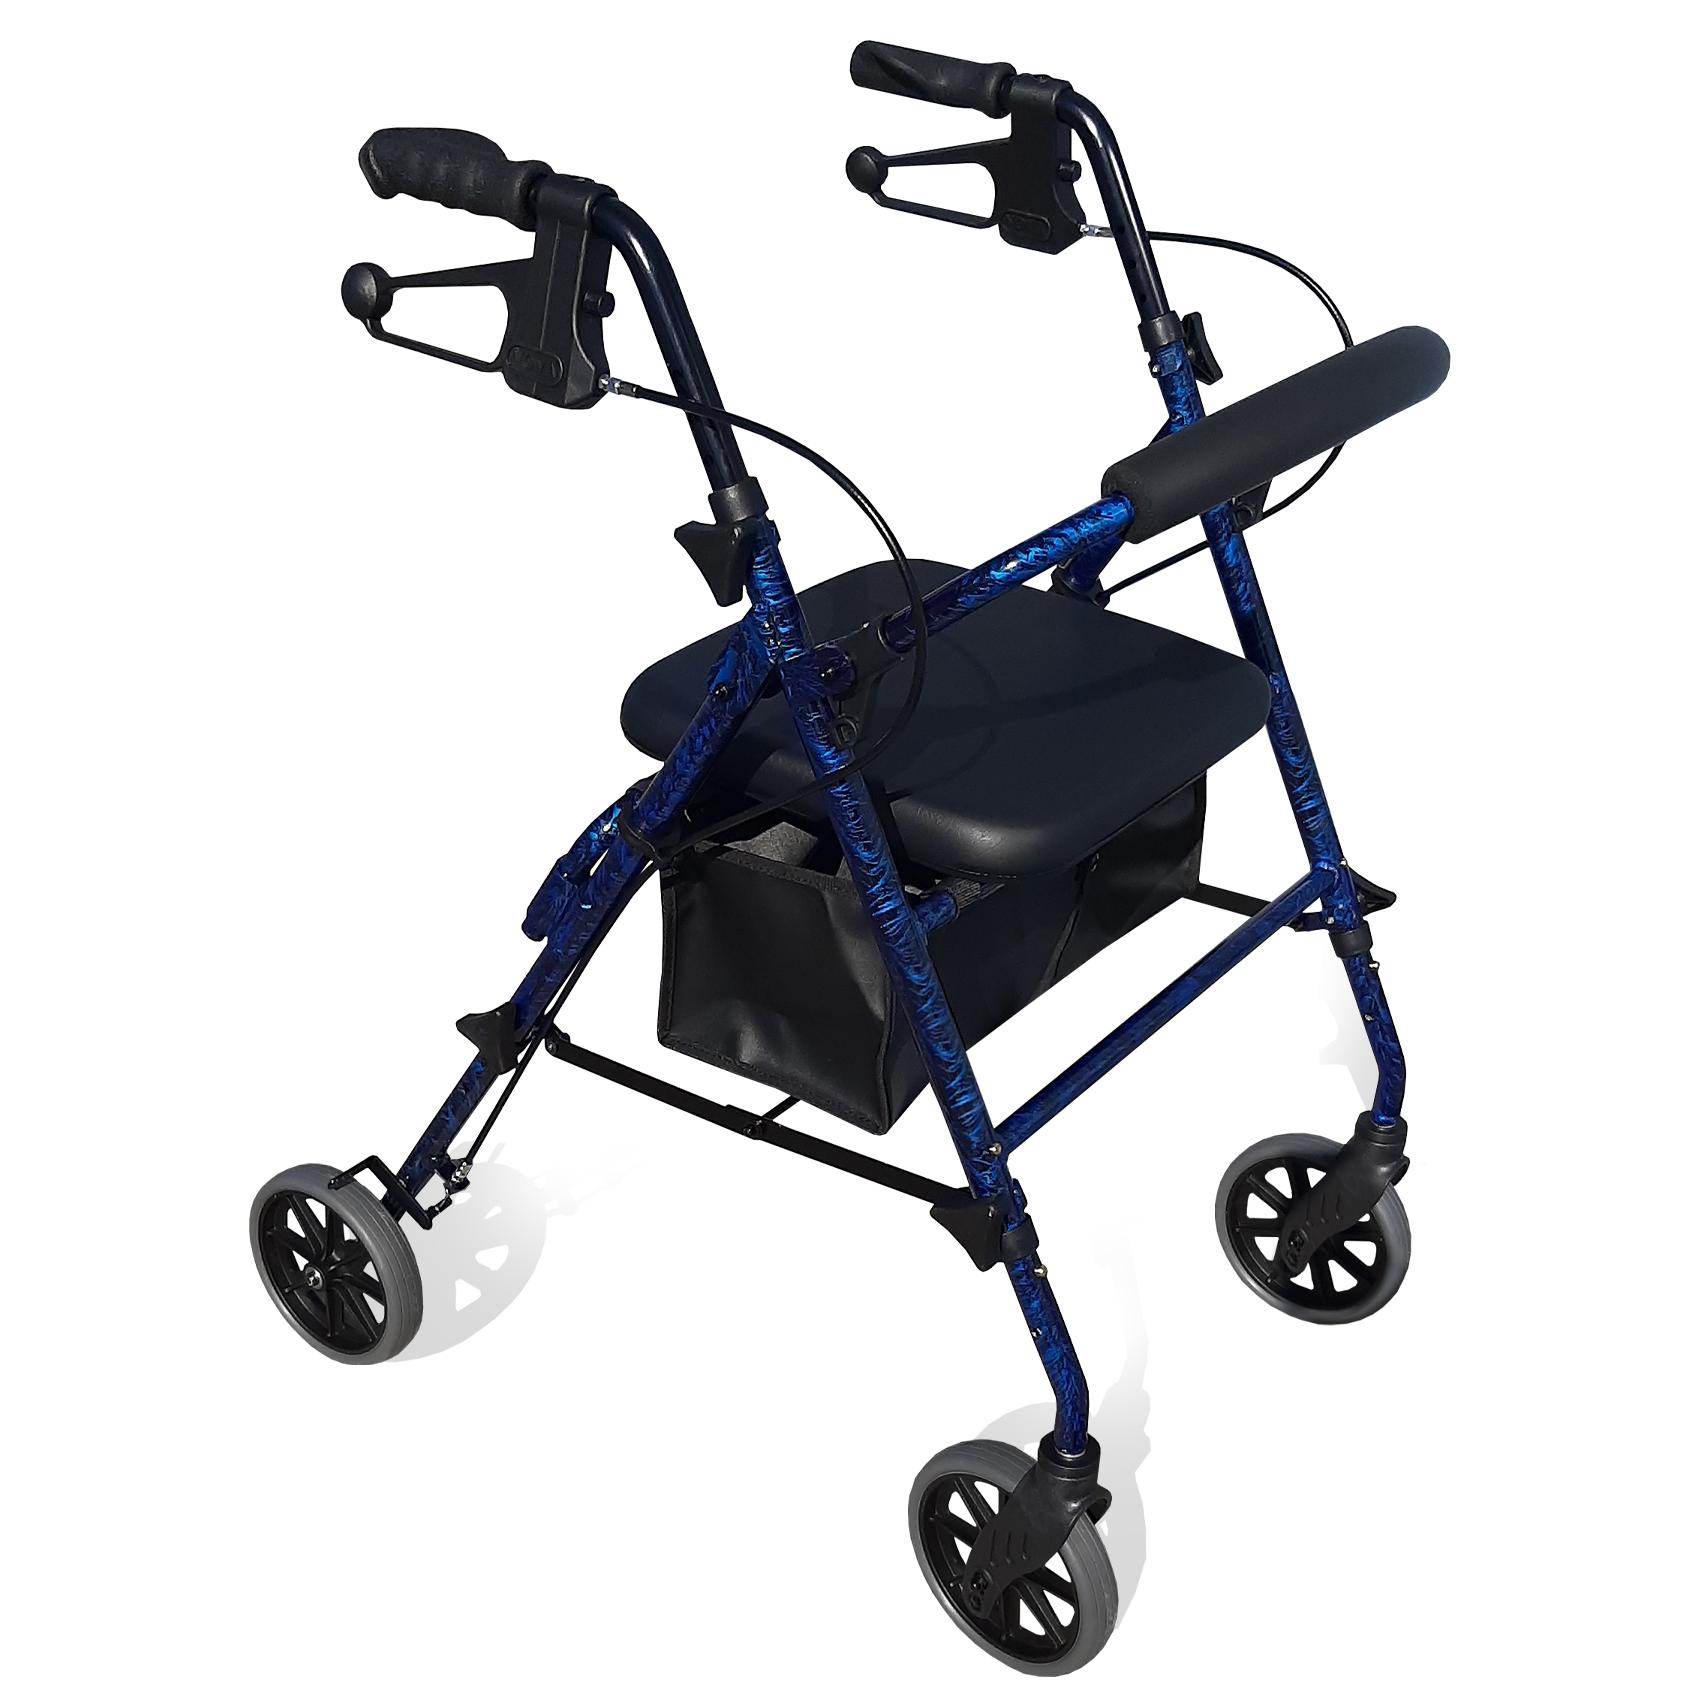 RG4209 SEAT HEIGHT ADJUSTABLE – SEAT WALKERS 6″ WHEELS